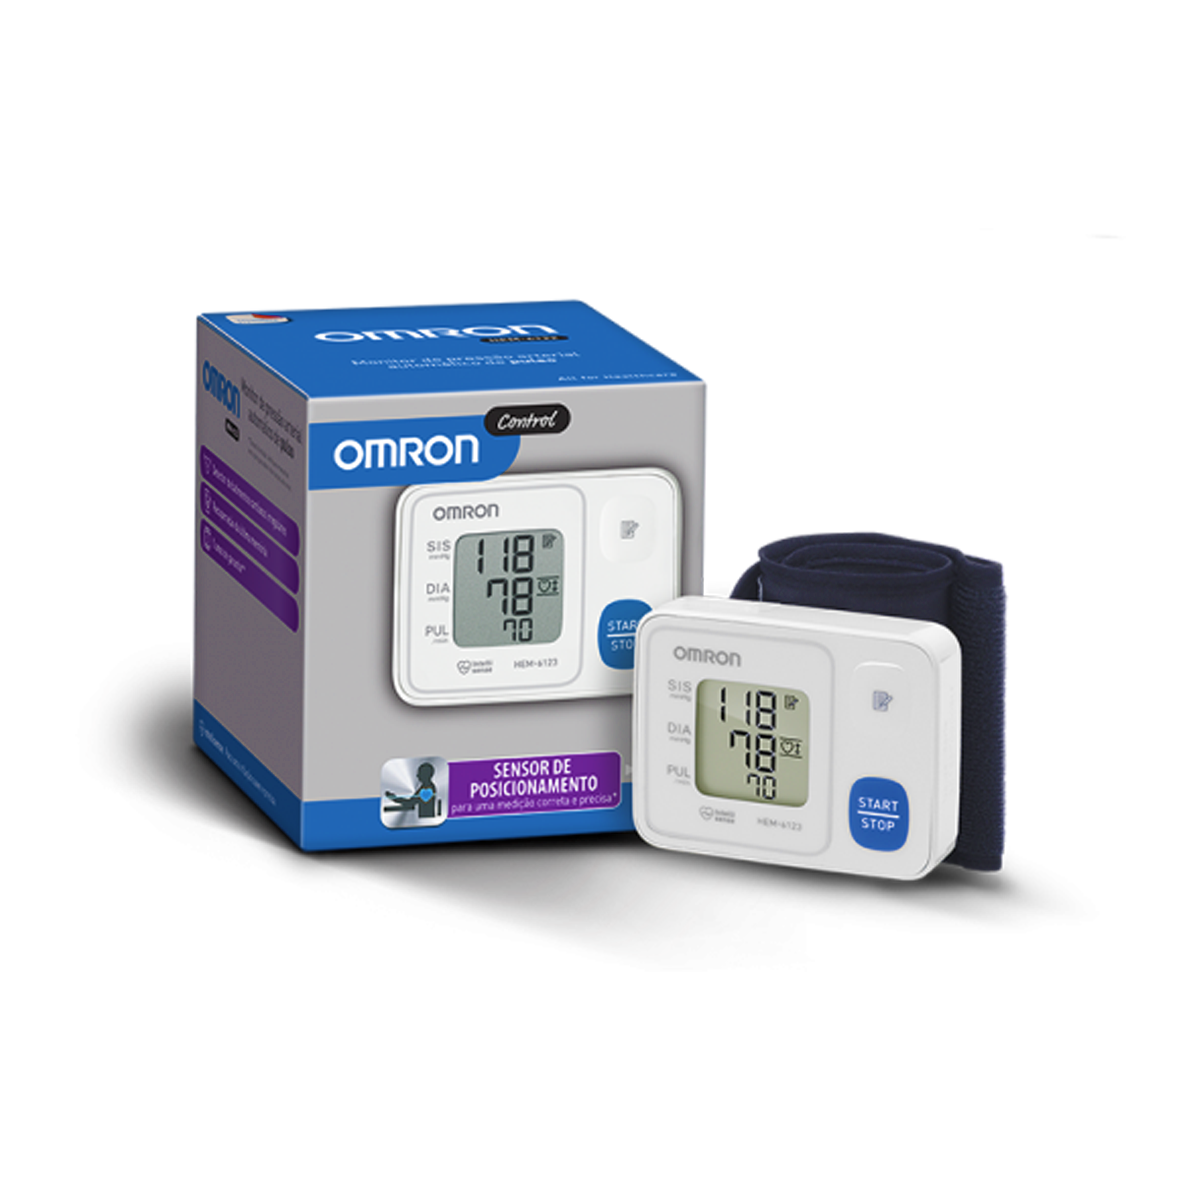 f6f3a513d Aparelho Medidor de Pressão Digital Automático de Pulso HEM-6122 Omron